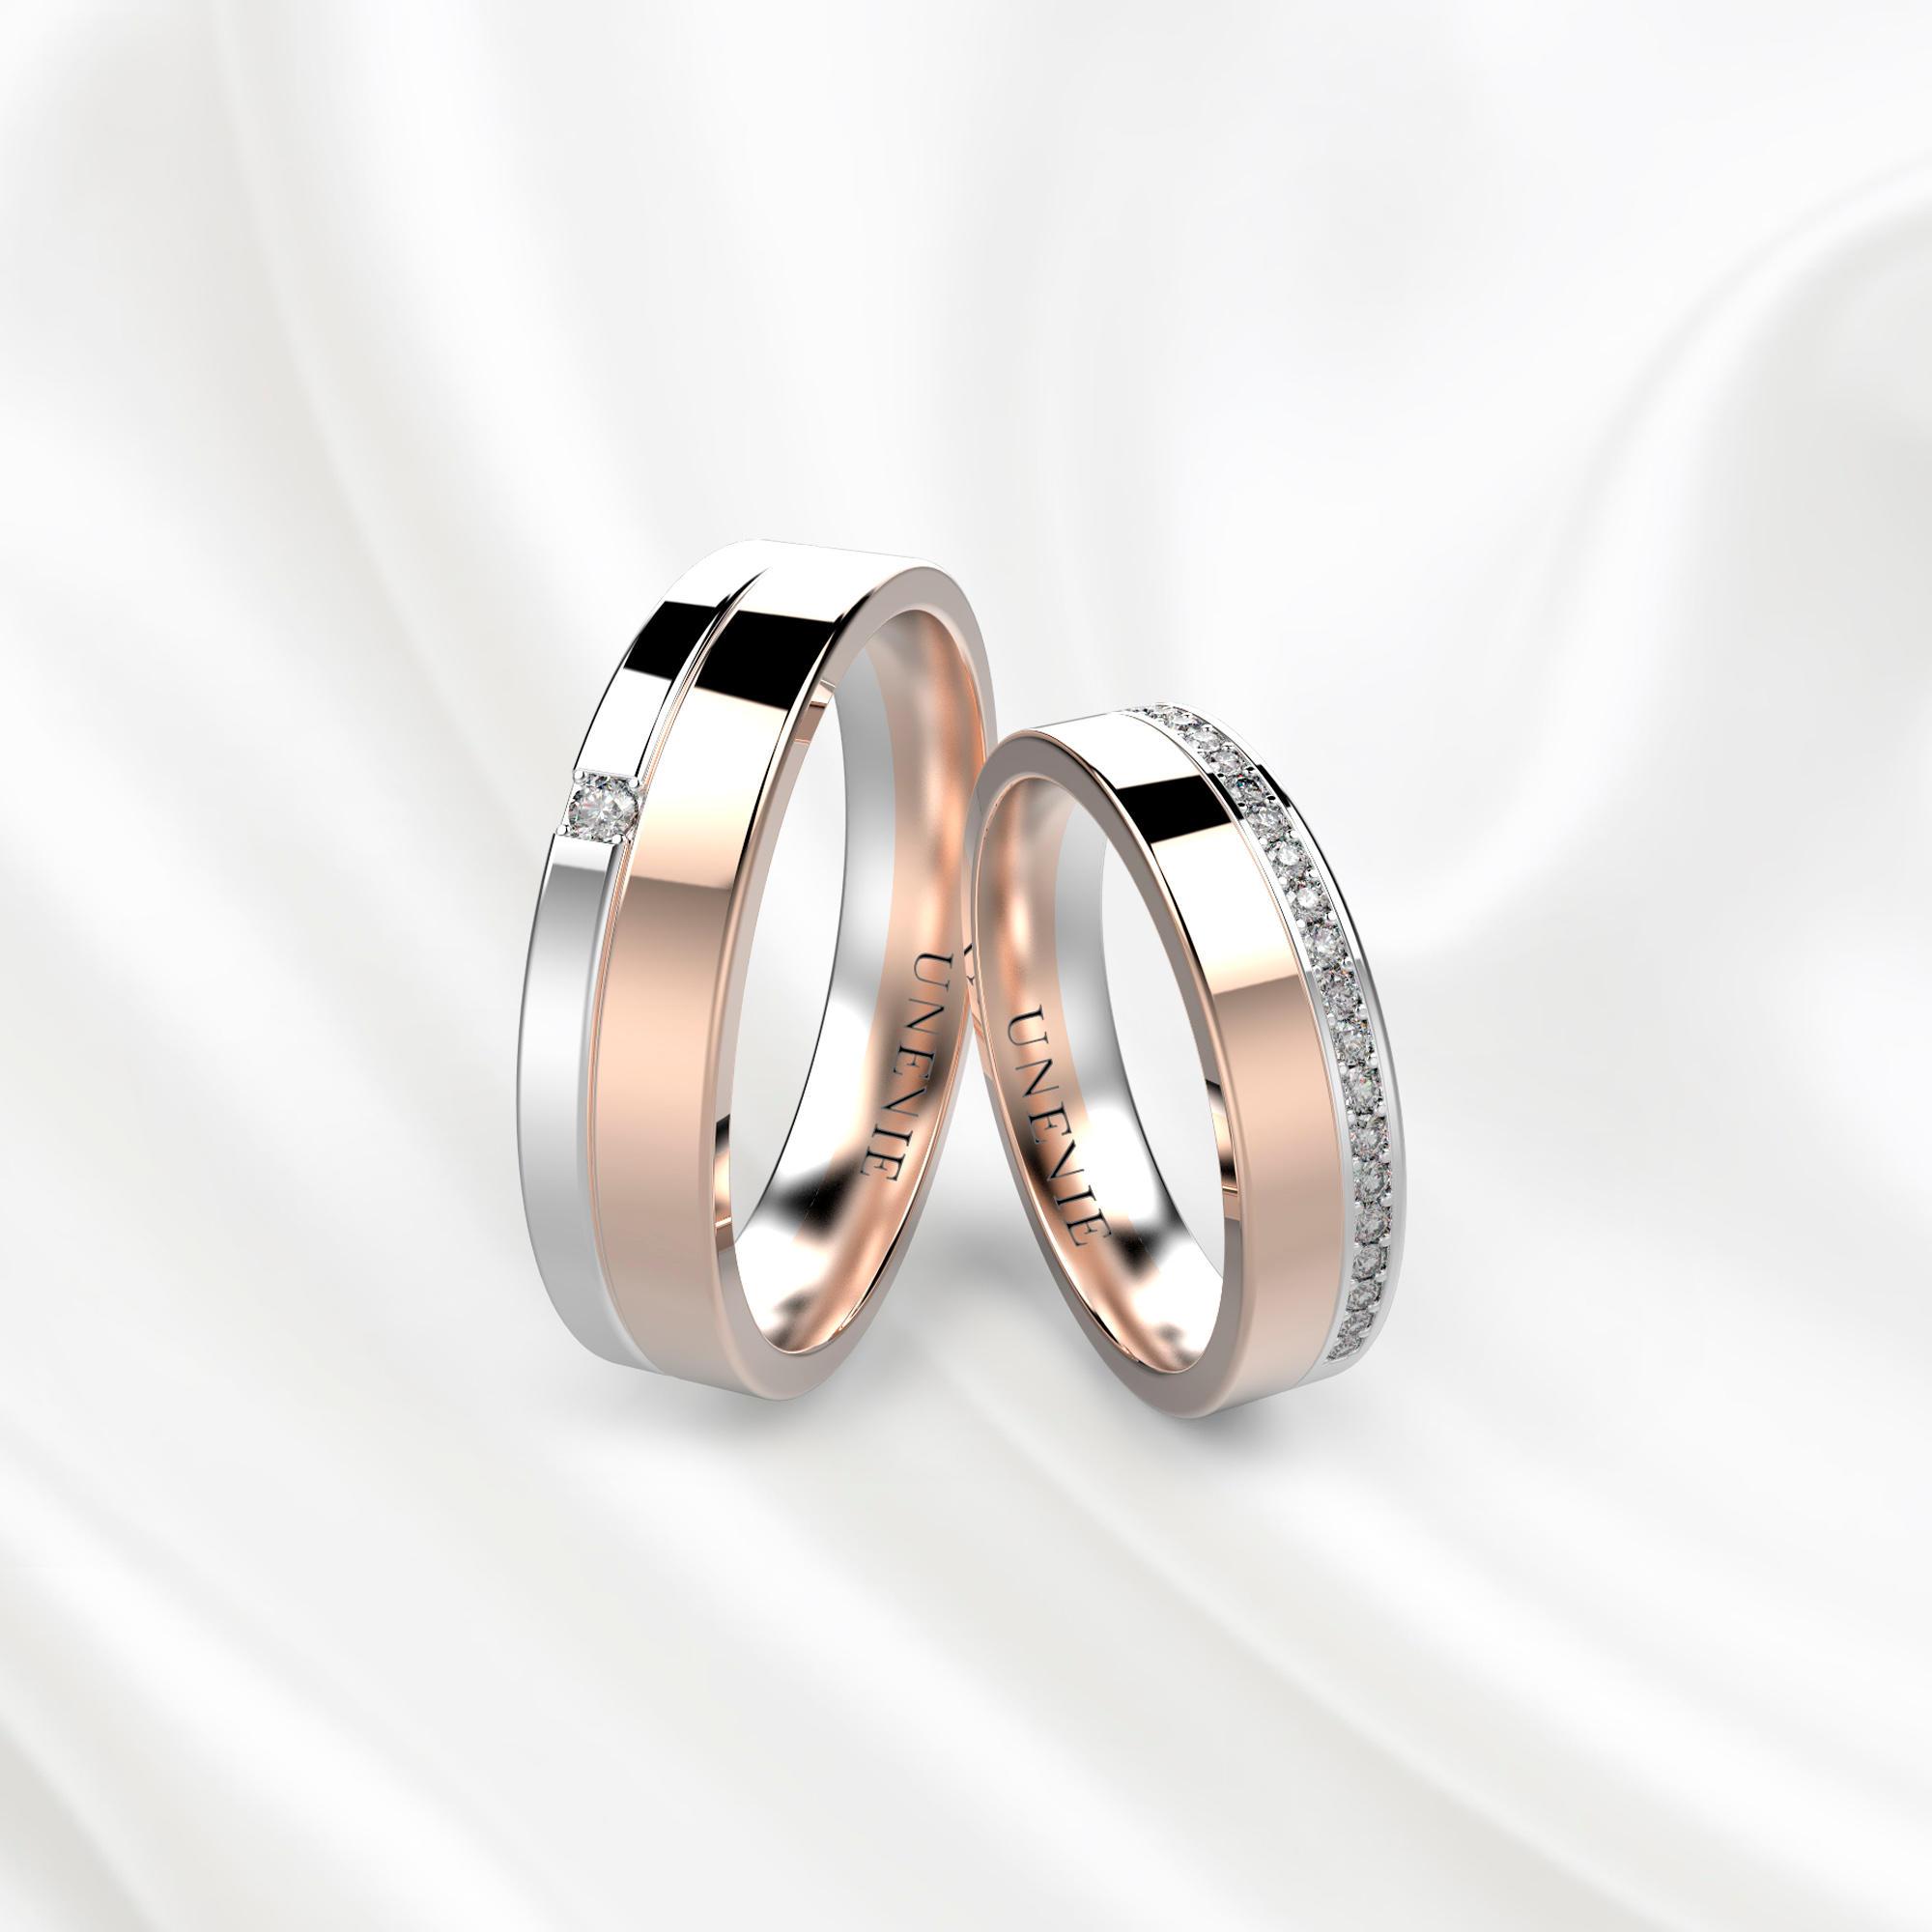 NV31 Обручальные кольца из розово-белого золота с бриллиантами